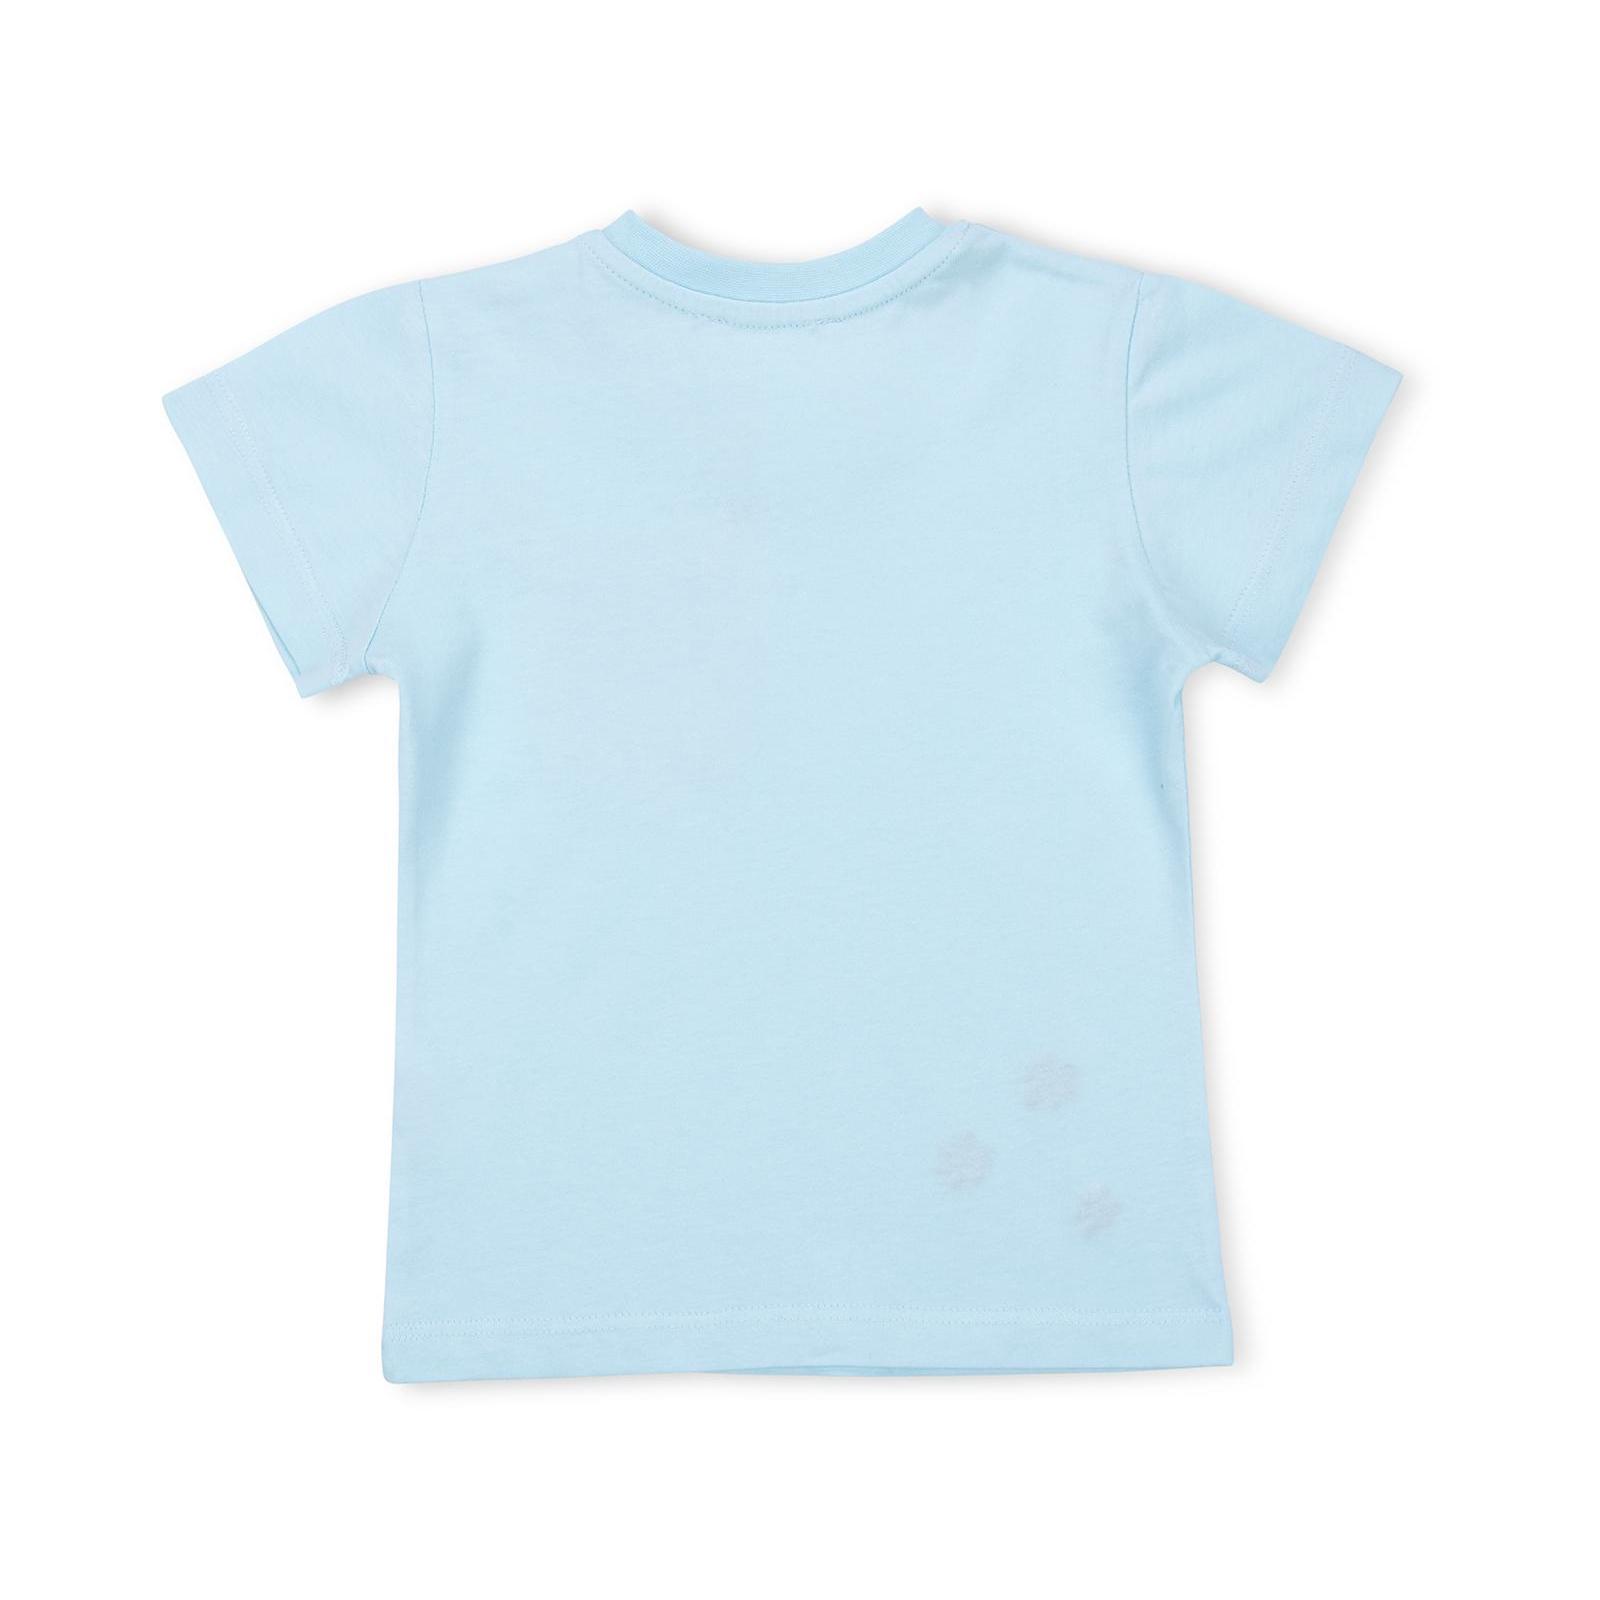 Набор детской одежды Breeze с карманчиками (10234-86G-blue) изображение 5